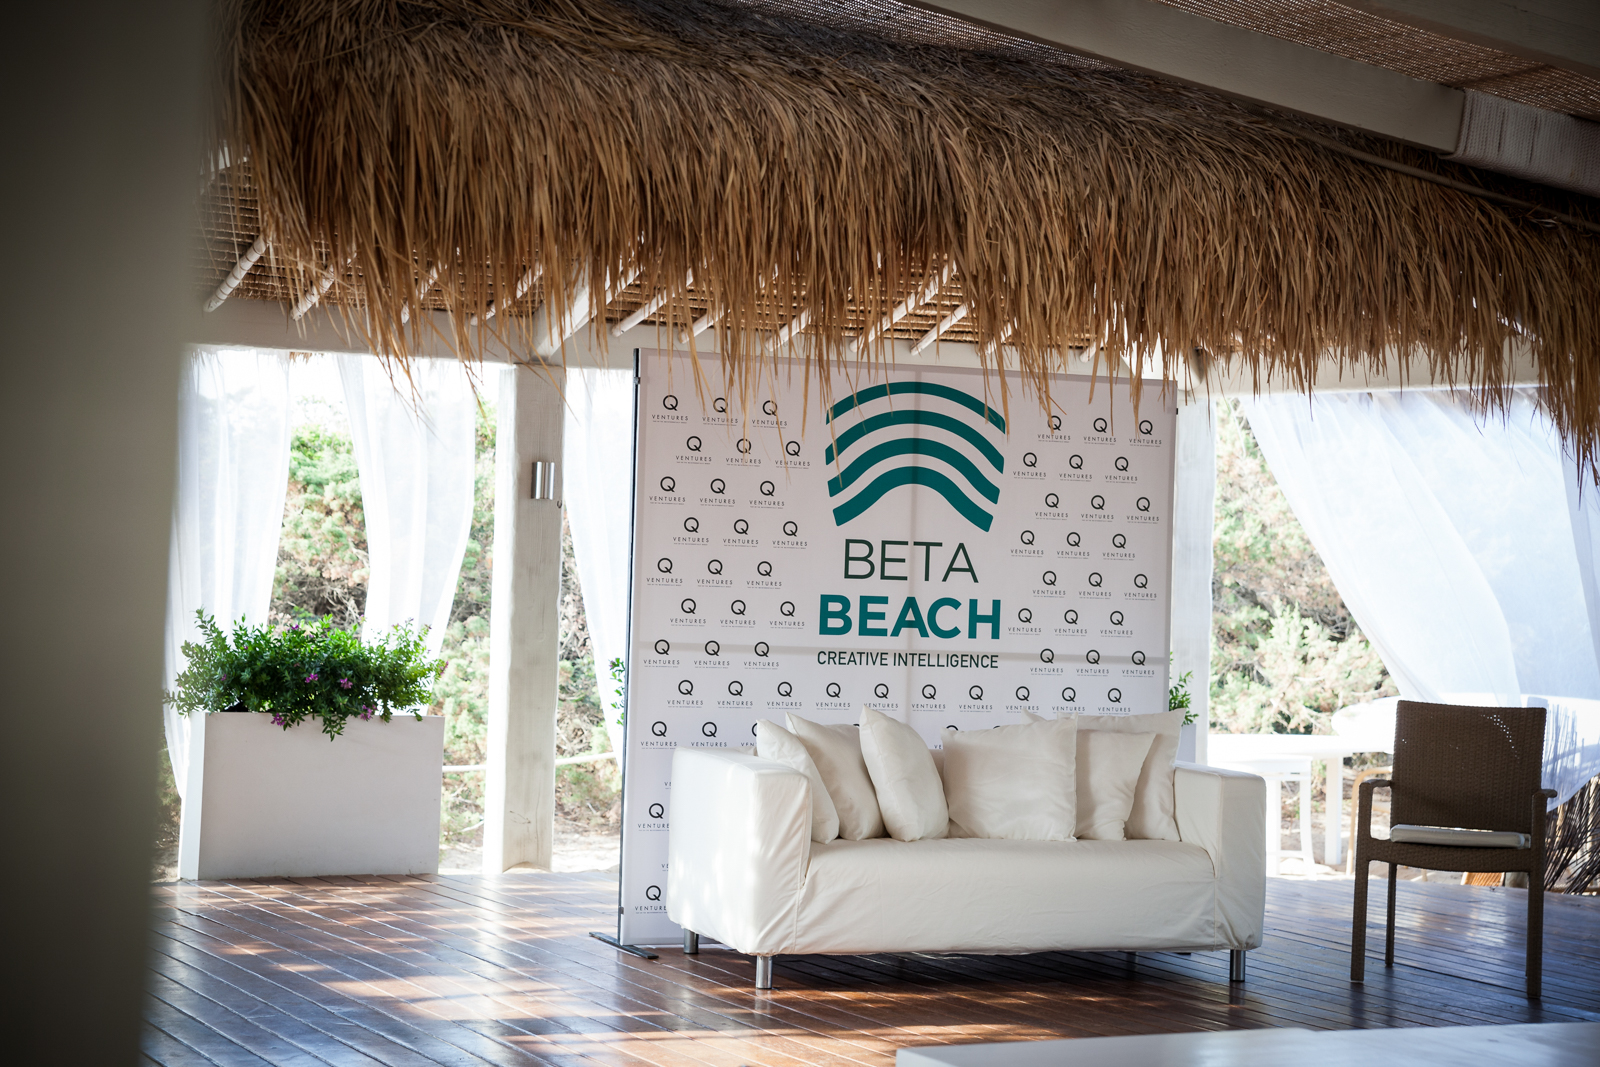 GemaRomero_Beta Beach-3.jpg